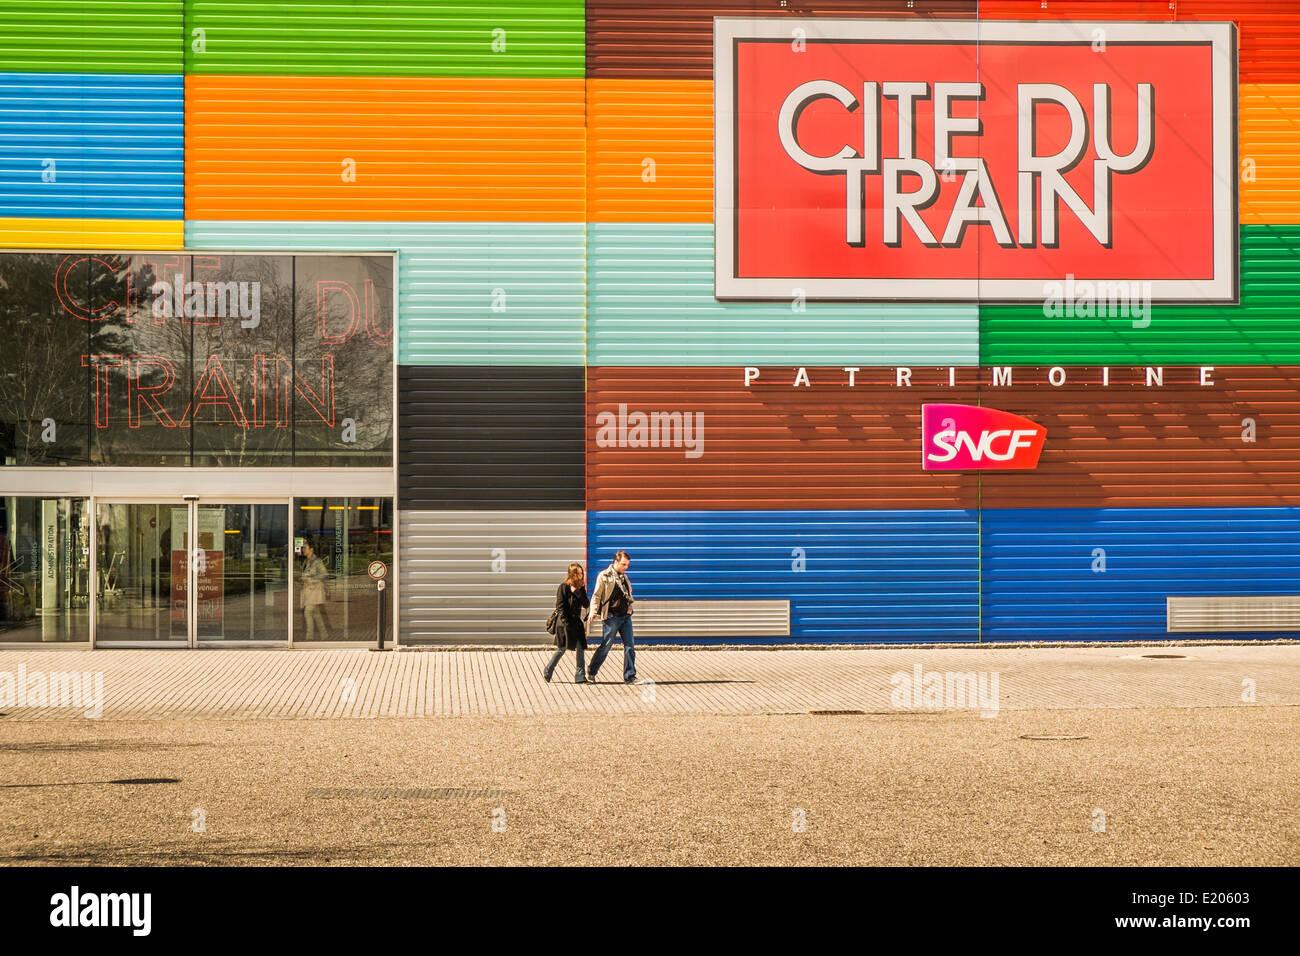 _cite du train_ railroad museum, mulhouse, alsace, france - Stock Image